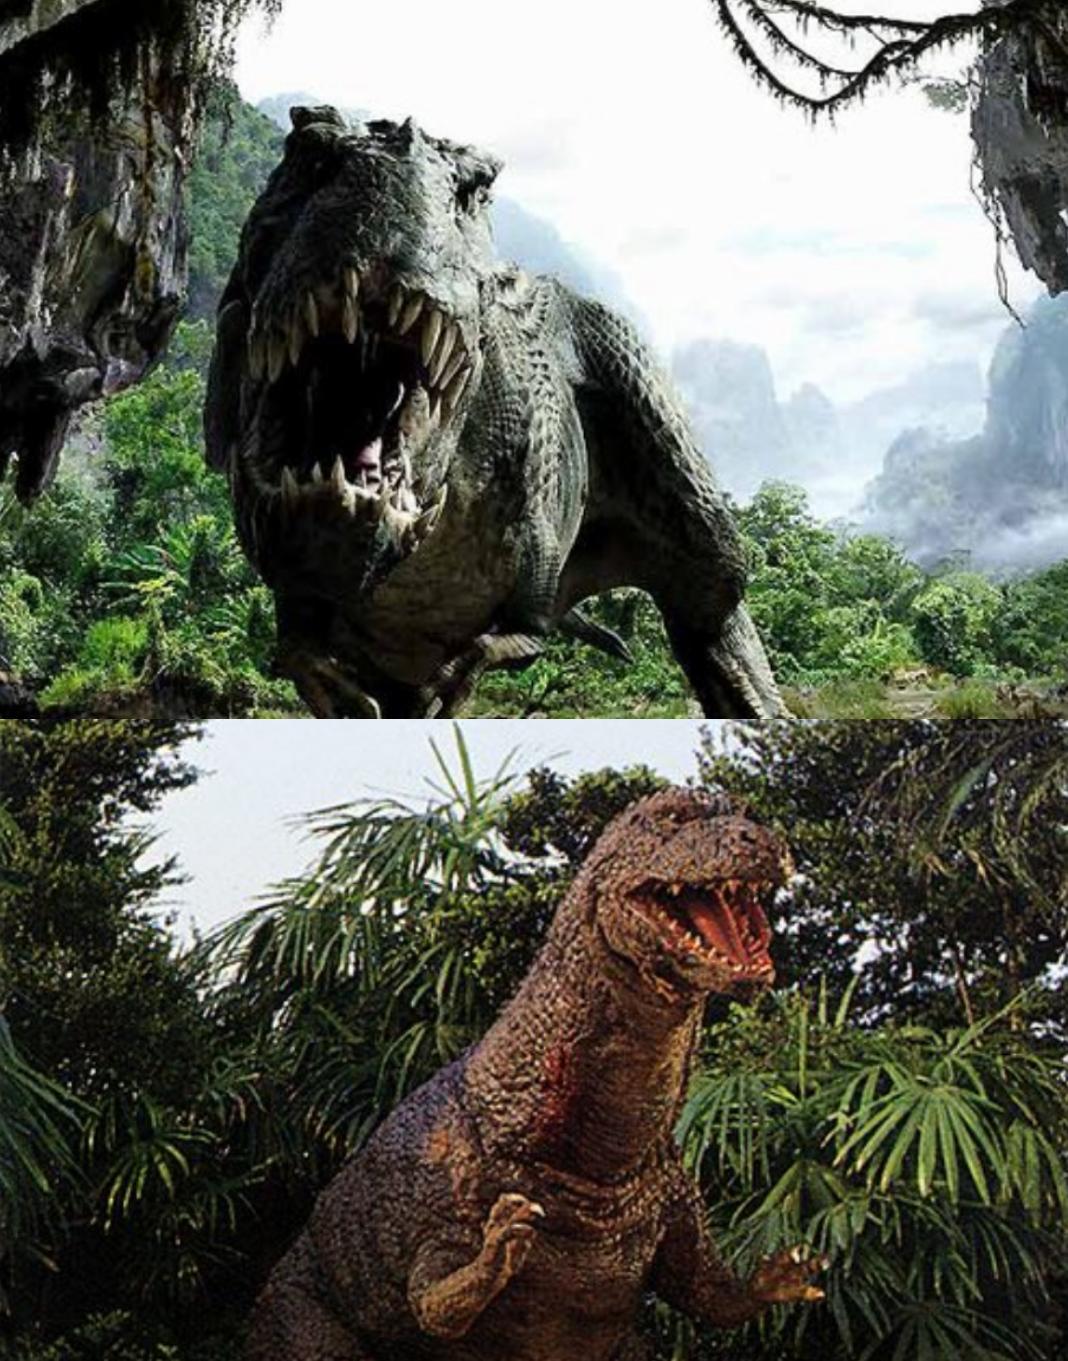 V rex vs Godzillasaurus